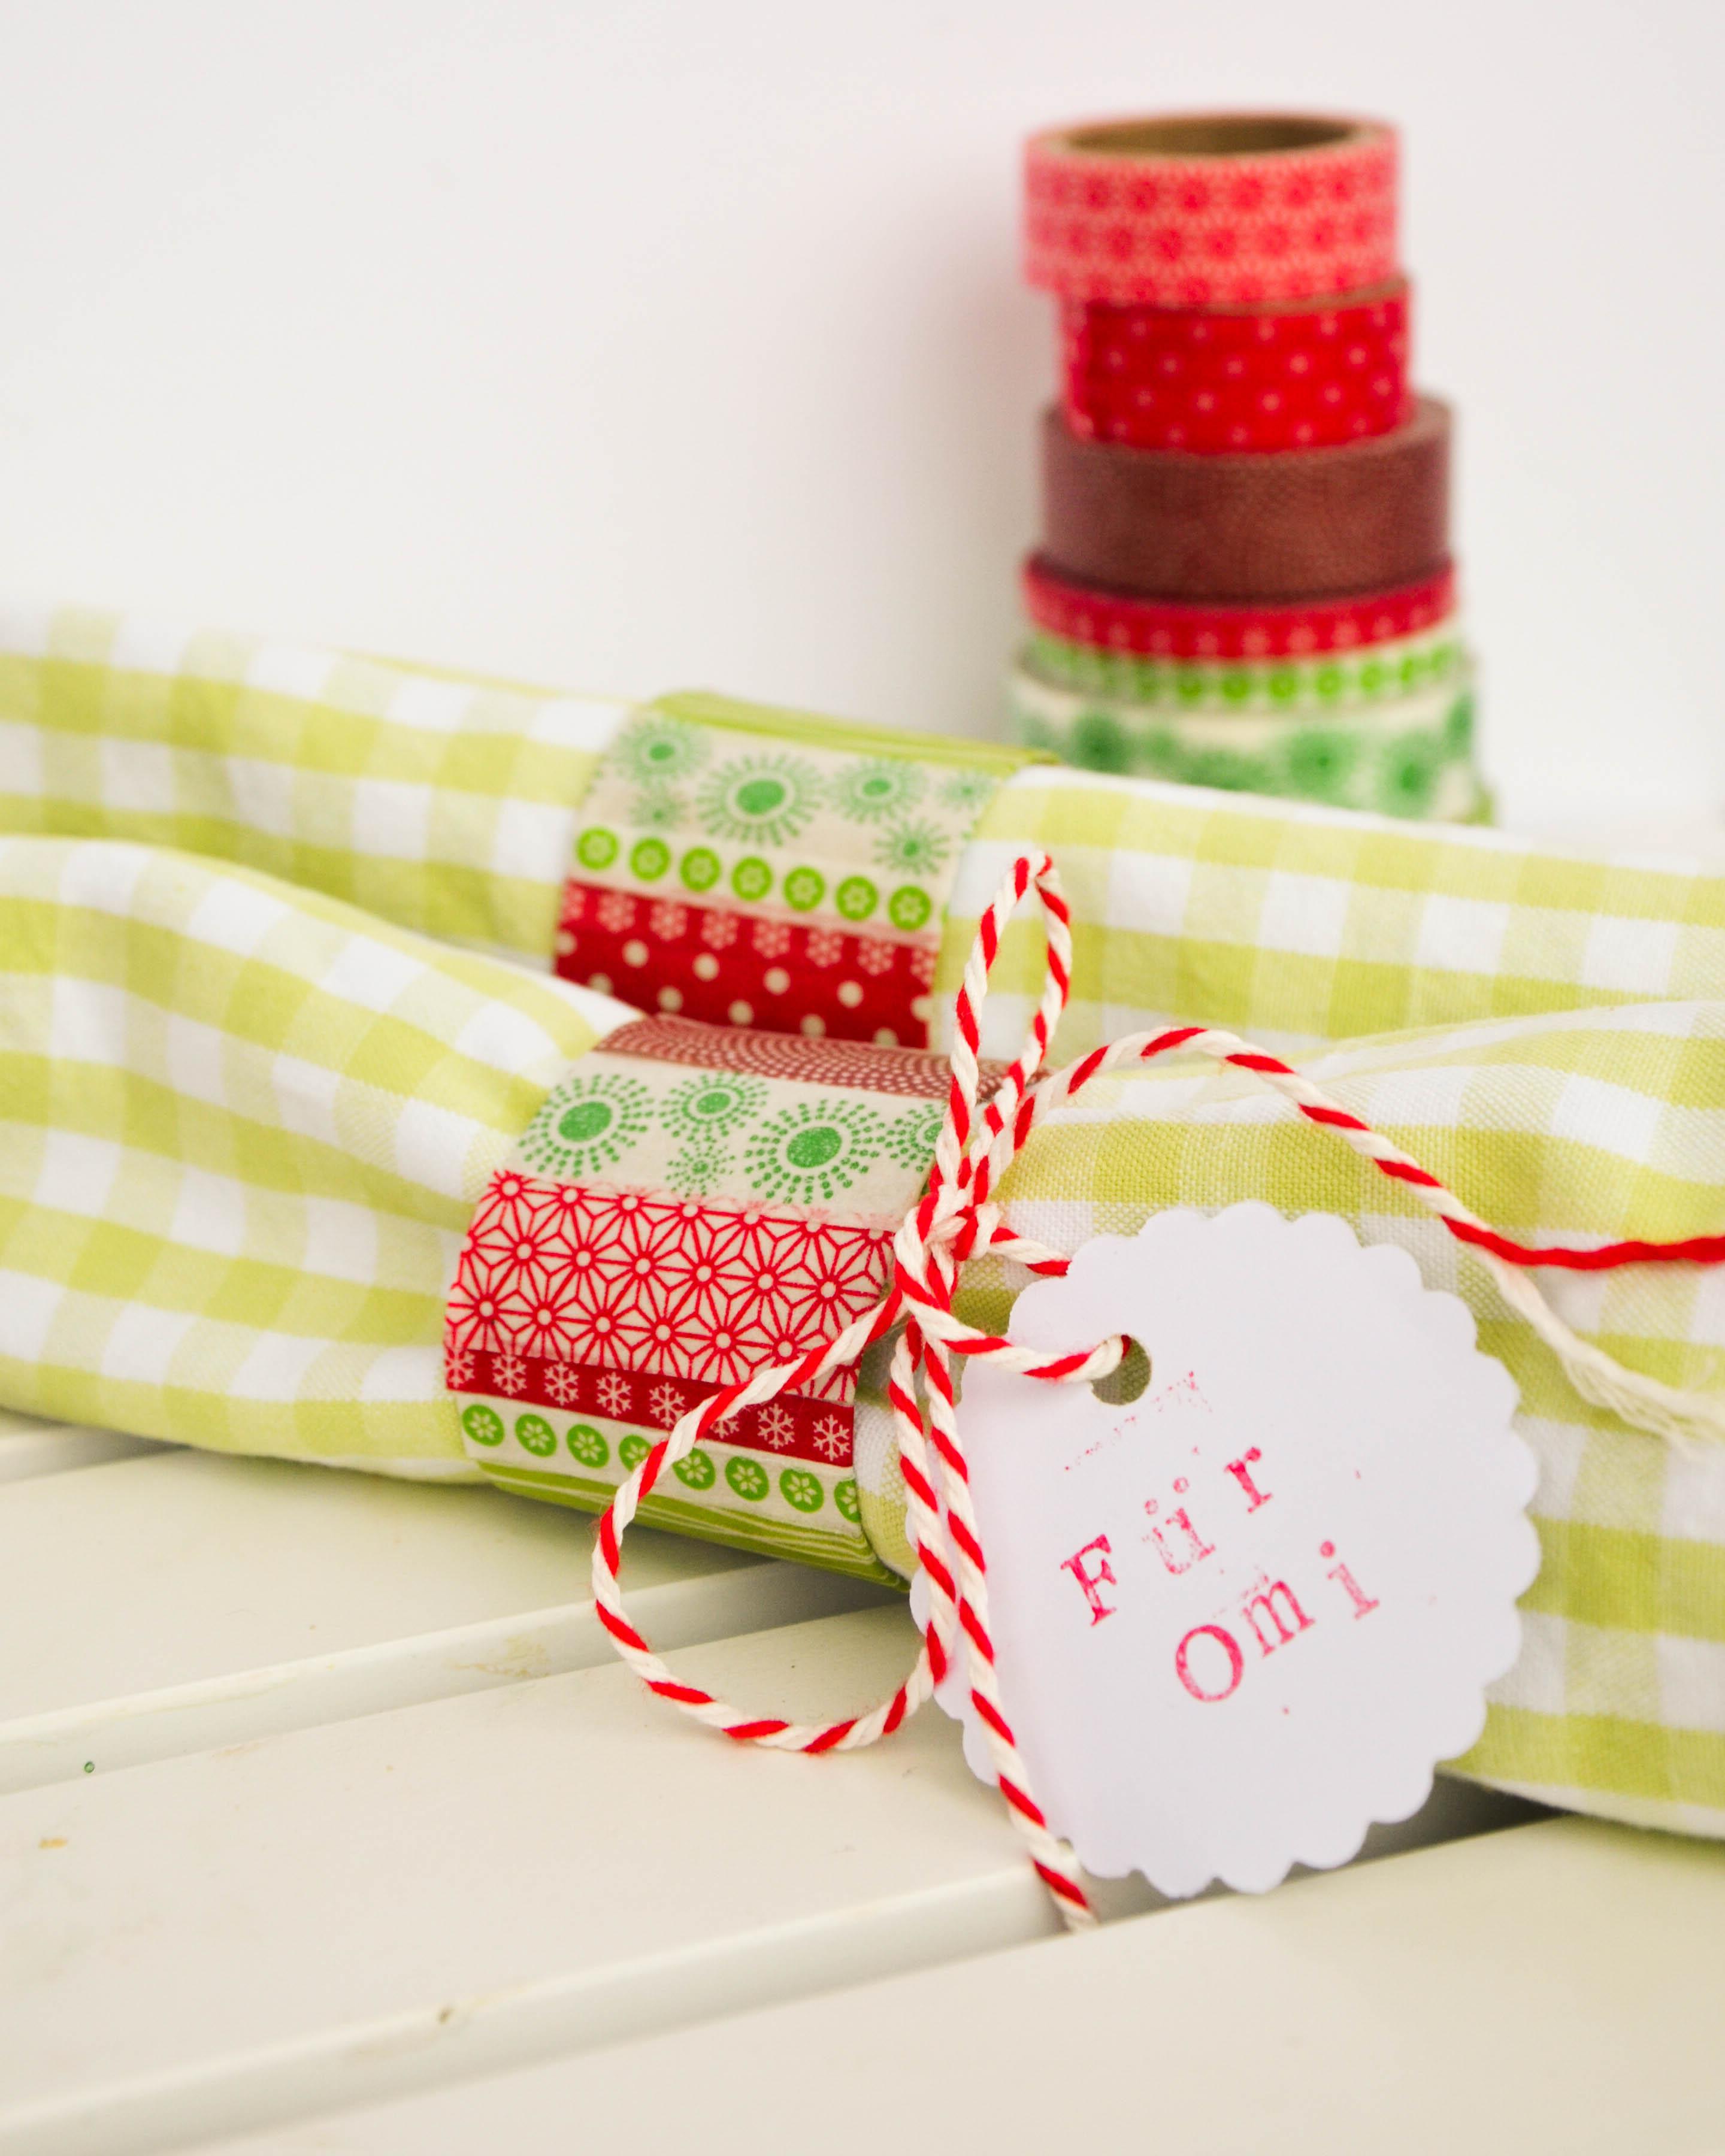 ratzfatz geschenke f r oma die sie lieben wird wasf rmich. Black Bedroom Furniture Sets. Home Design Ideas